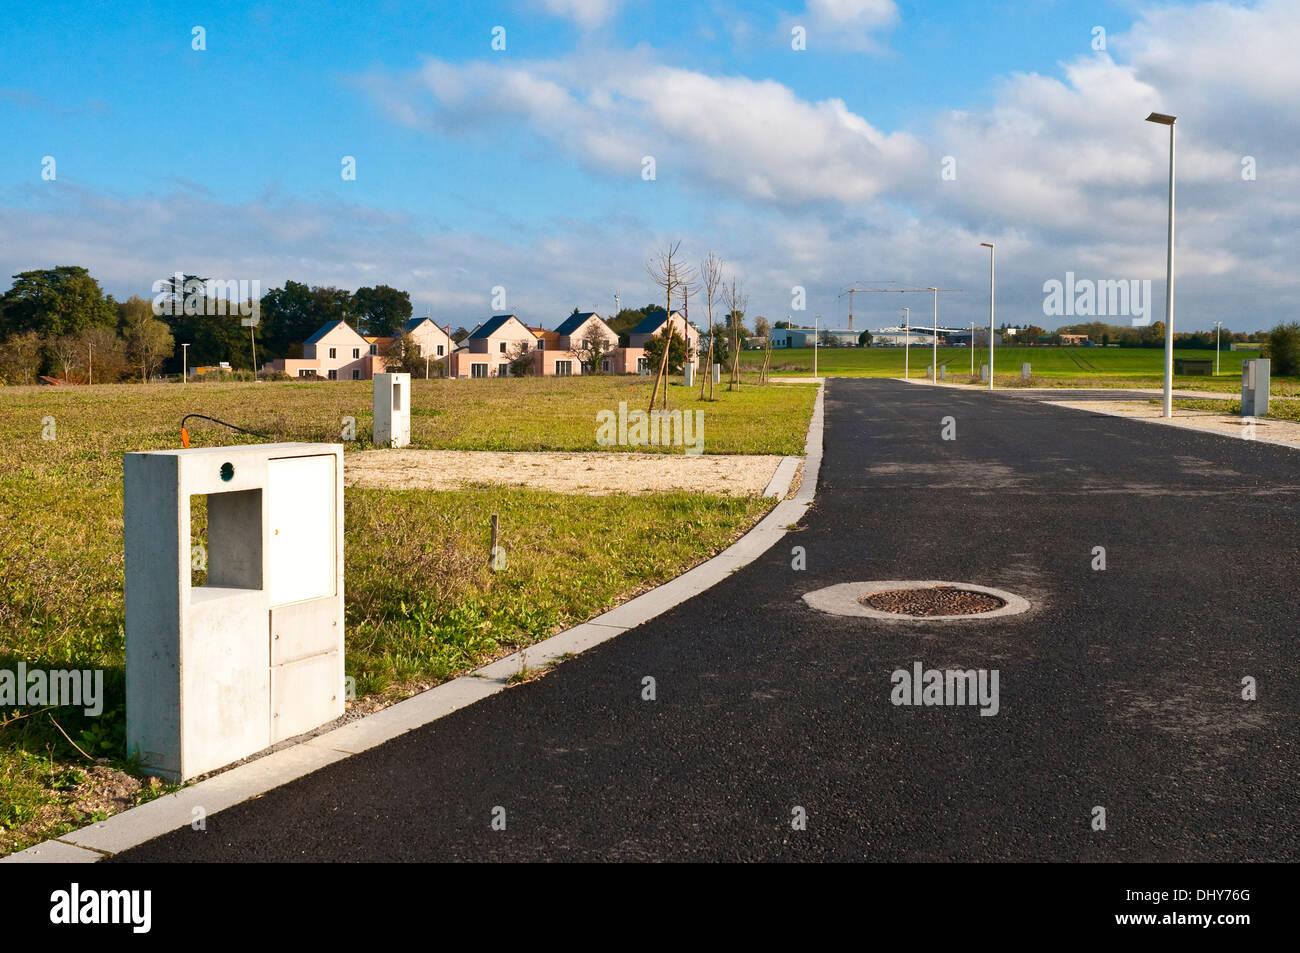 Concrete electricity meter units on unbuilt housing estate site - France. Stock Photo